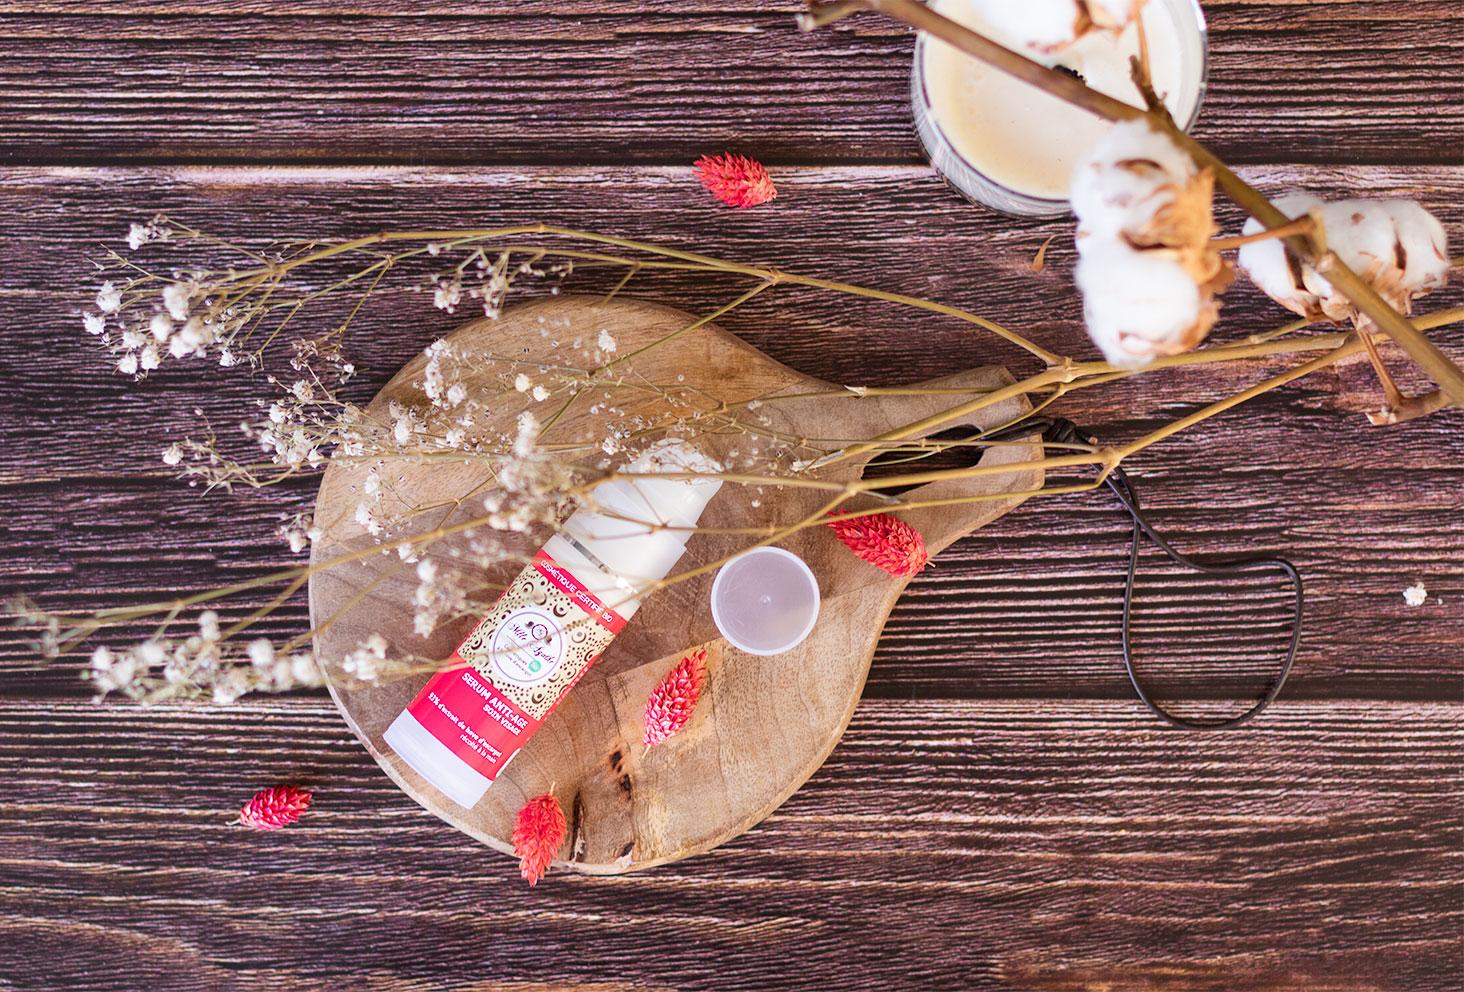 Le sérum de Mlle Agathe sur une planche à découper, sur une table en bois, au milieu de fleurs sèches à côté d'une bougie